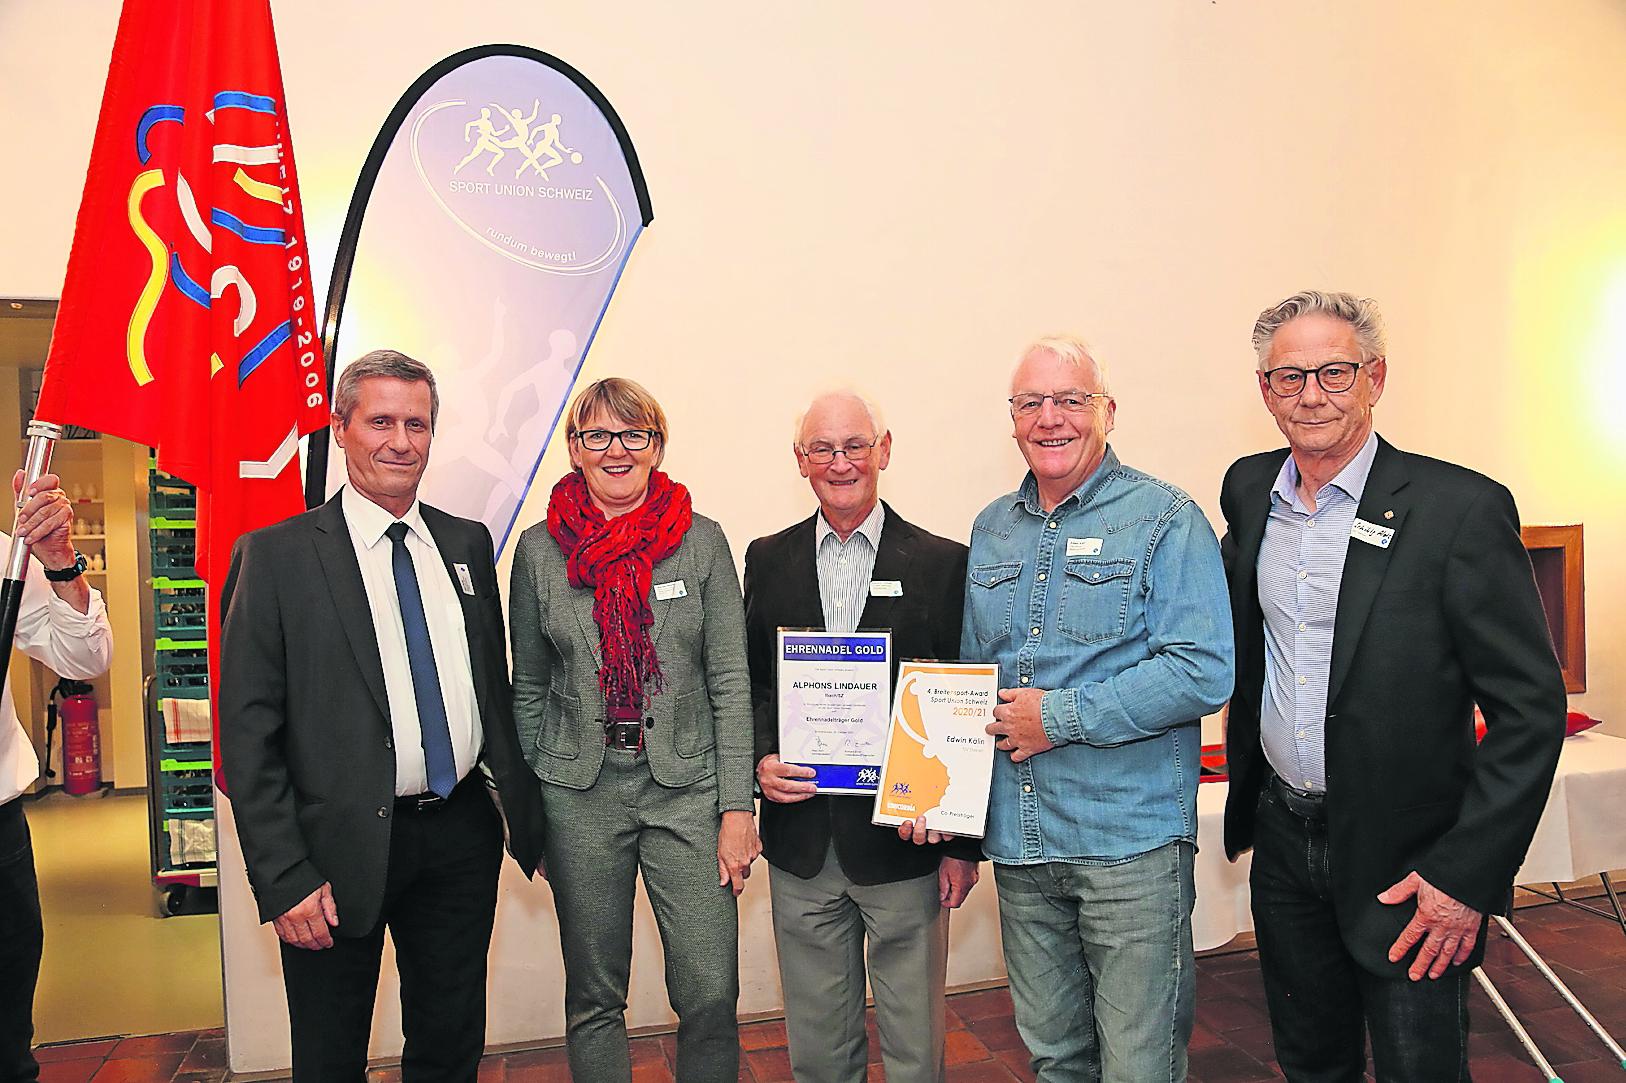 Karl Suter (von links), Rendel Weber (SUSZ), Alphons Lindauer, Edwin Kälin und Alois Schibig (Präsident TSV Steinen) freuten sich über die nationale Preisübergabe.Bild: PD